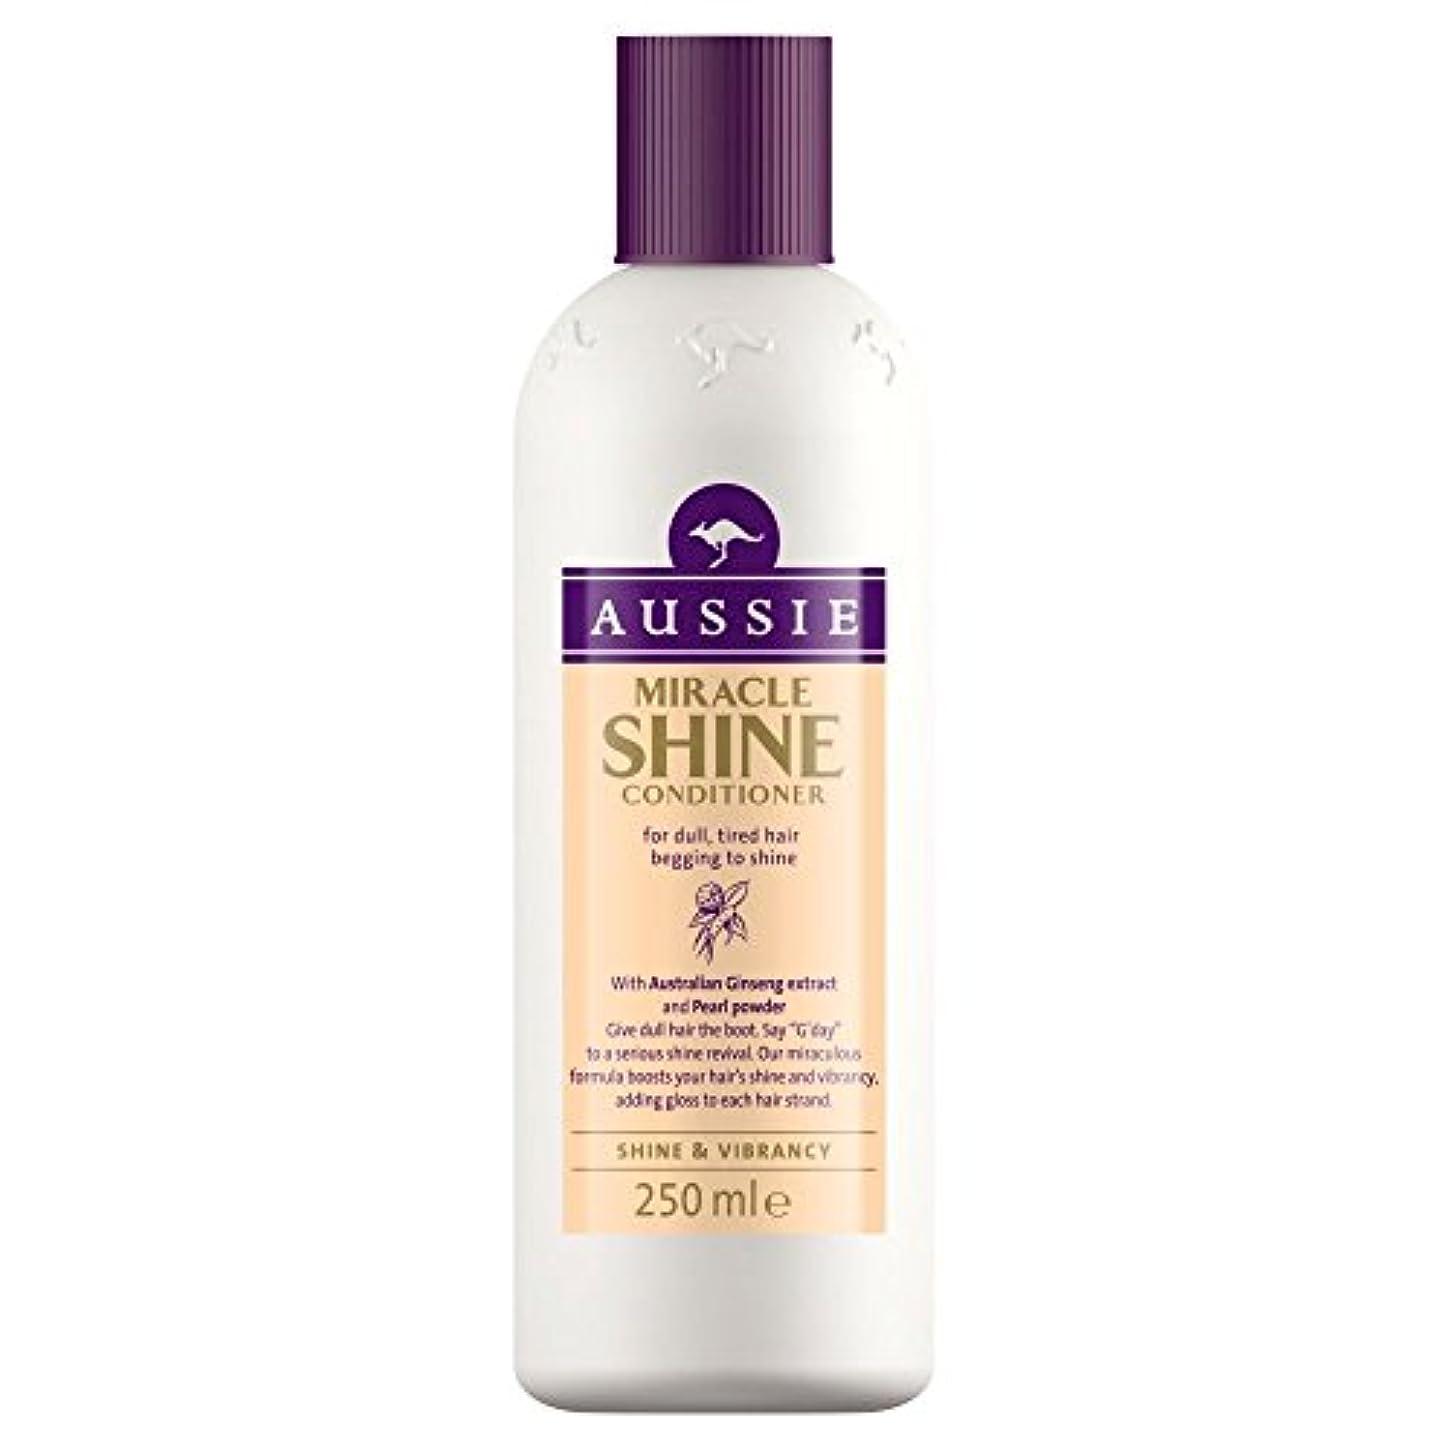 終了する慈悲深いシャンプーAussie Miracle Shine Conditioner (250ml) オージー奇跡のシャインコンディショナー( 250ミリリットル) [並行輸入品]